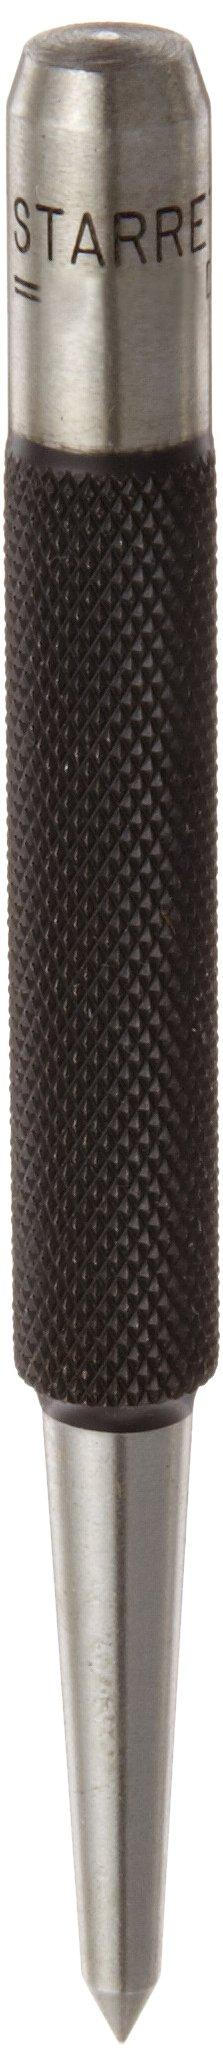 Starrett 816D Prick Punch, 4'' Length, 5/32'' Tapered Point Diameter